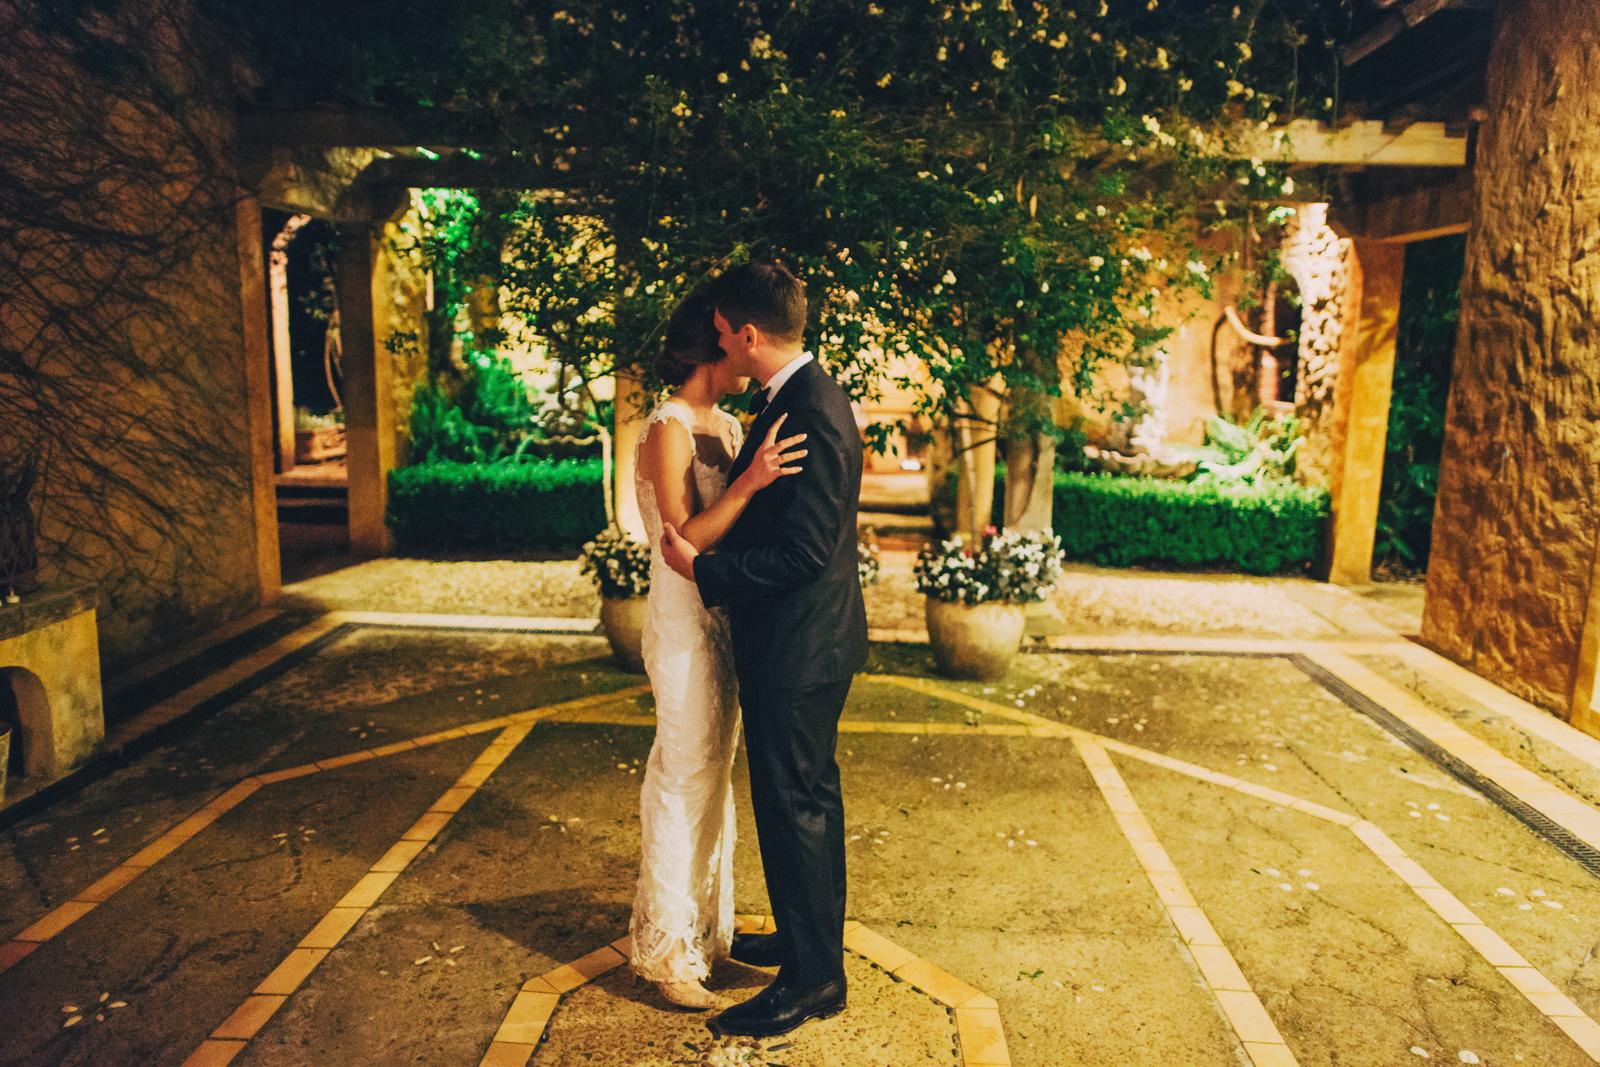 Hilary-&-Darren-Married---0843